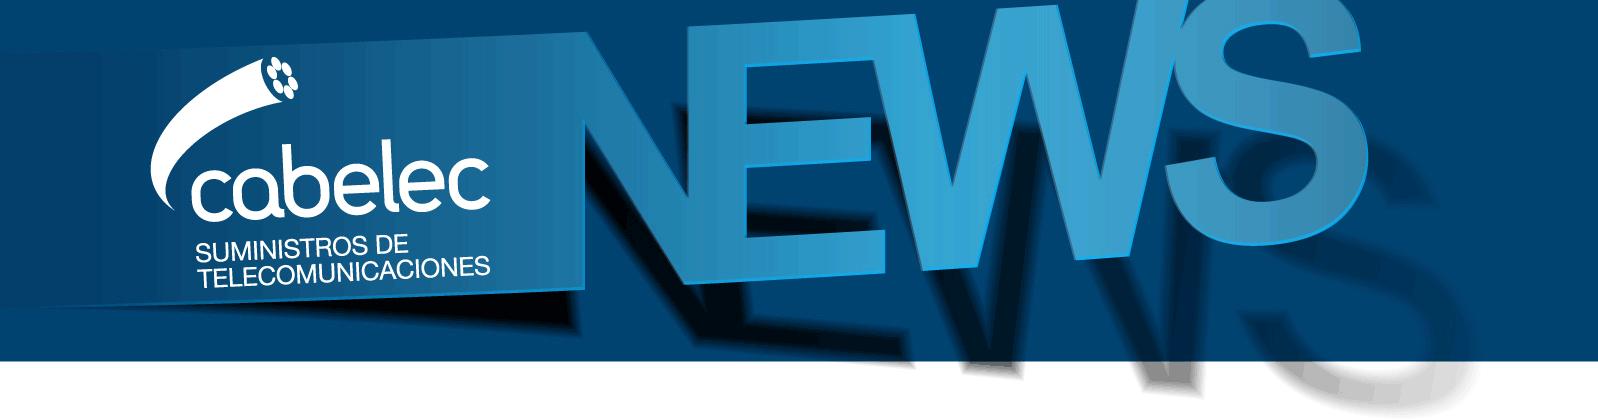 cabecera-news